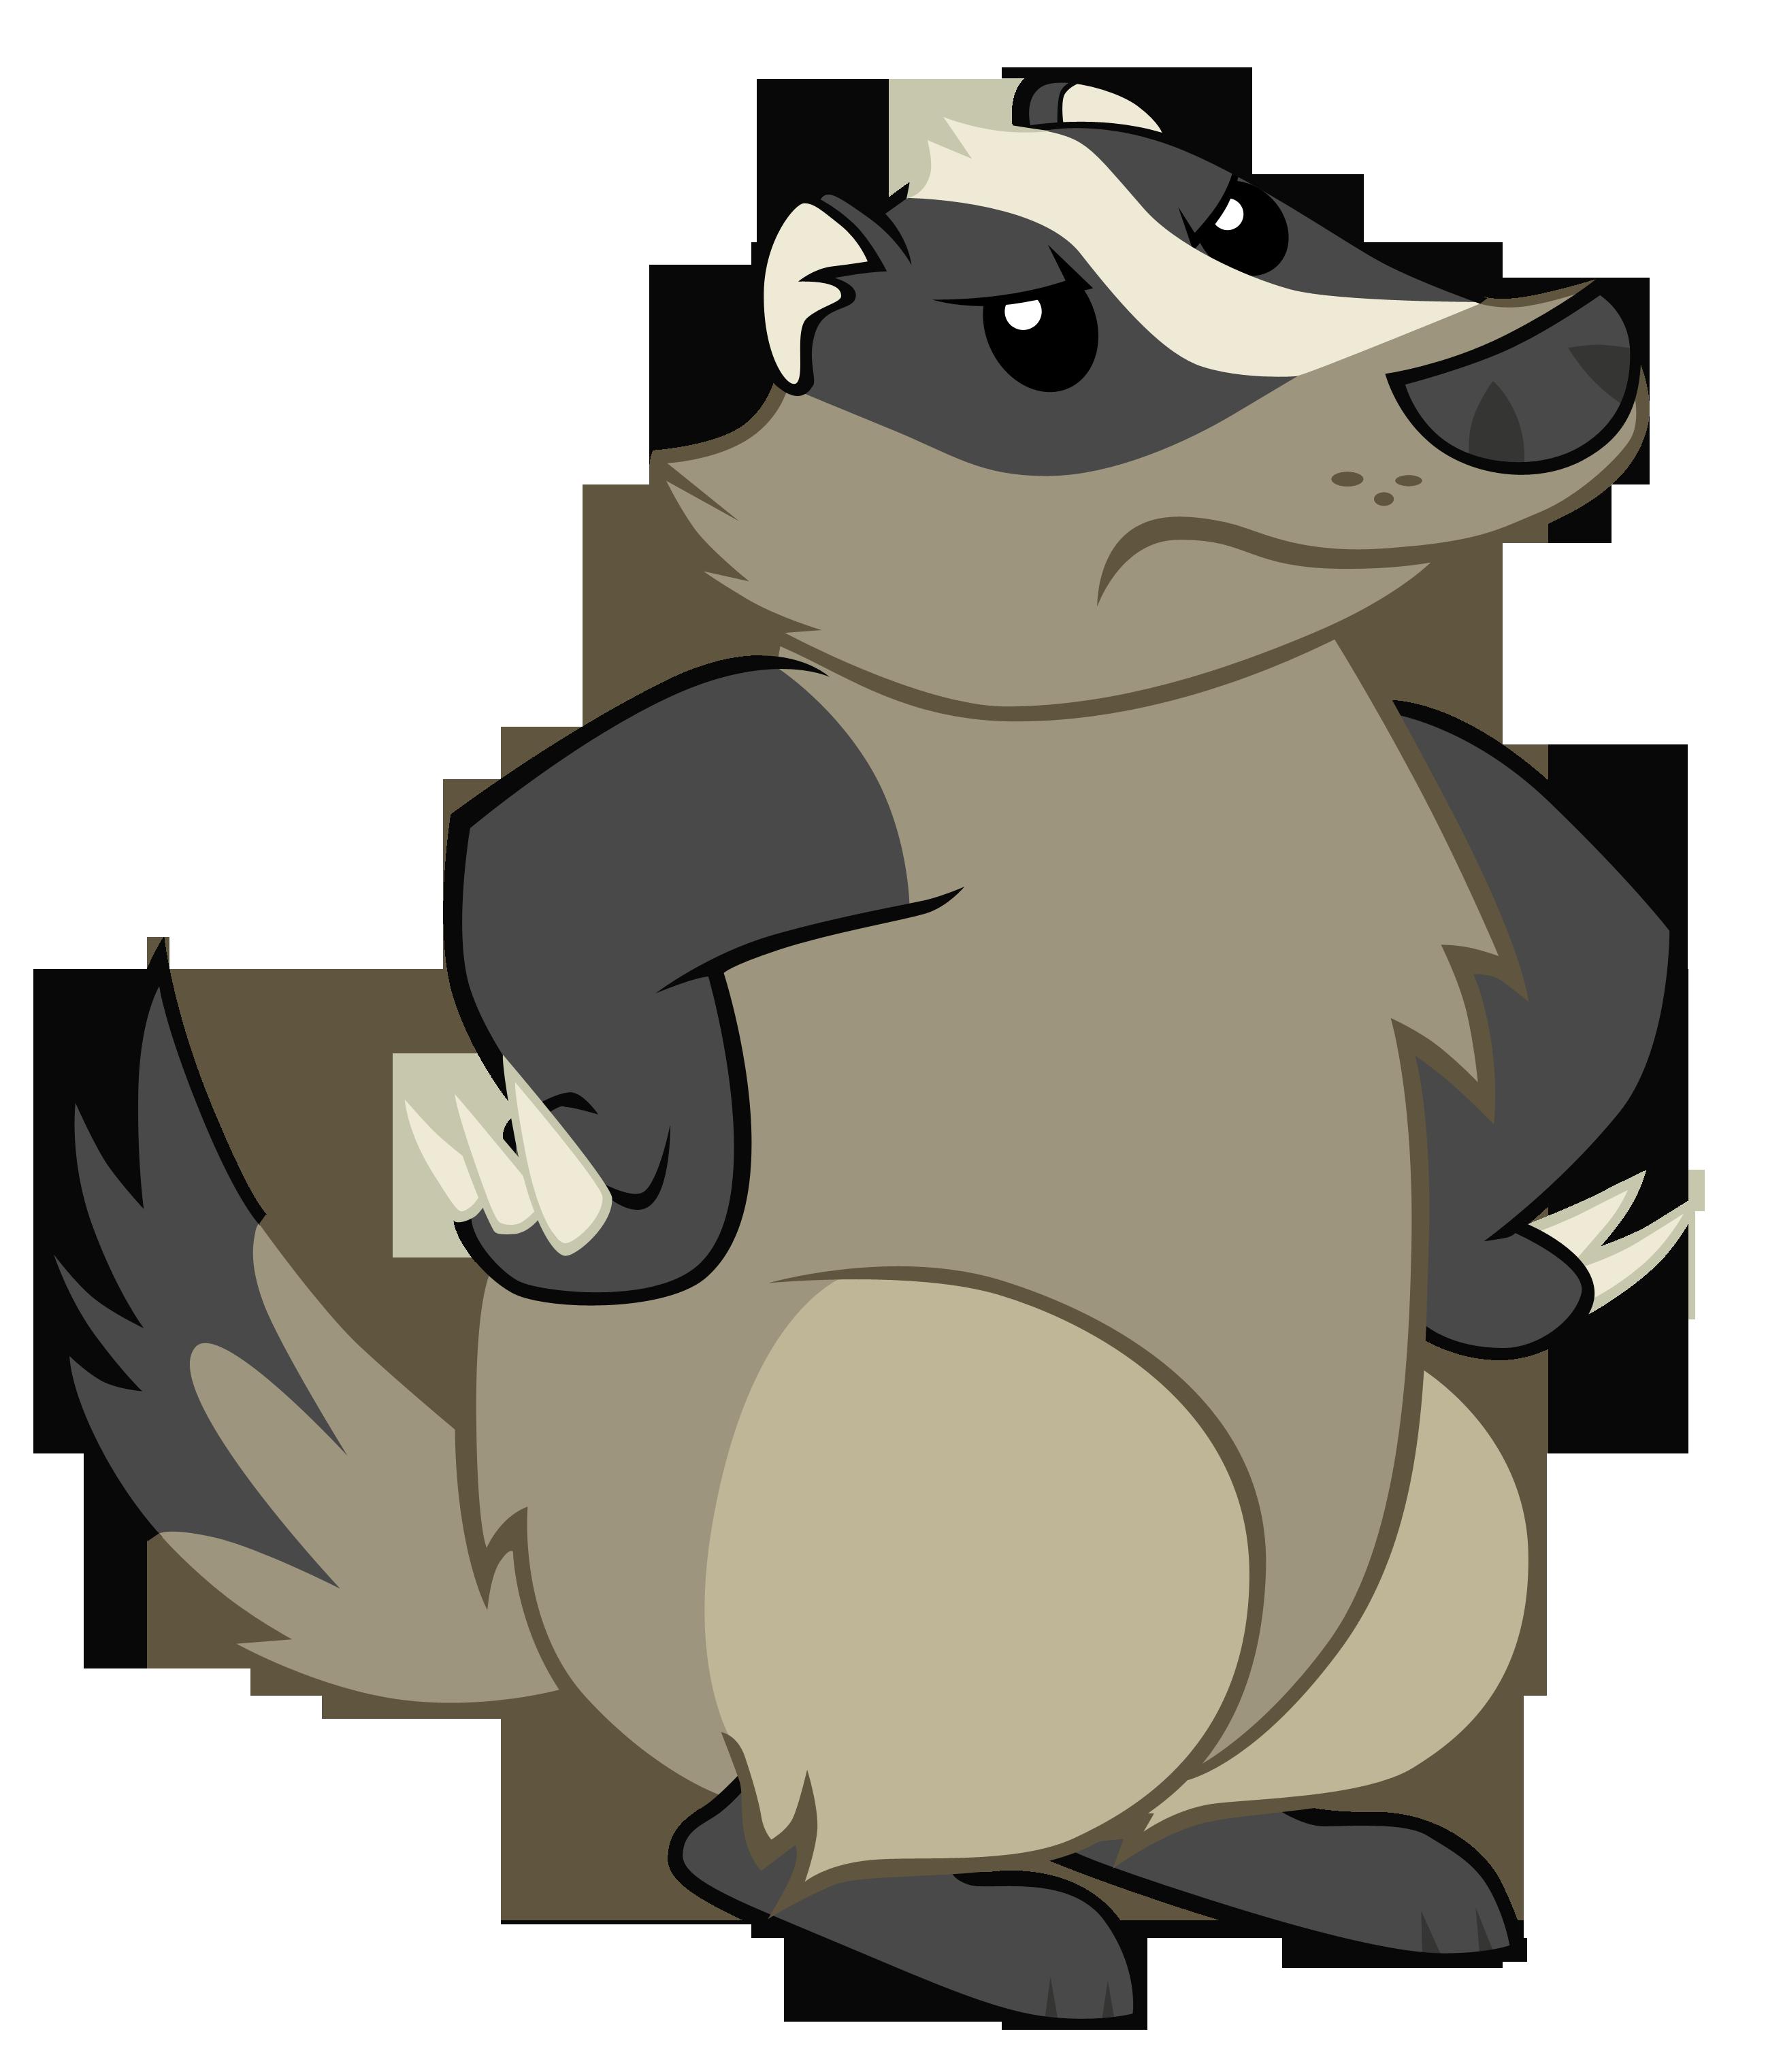 Weight clipart 10 kg. Honey badger crazywidow info